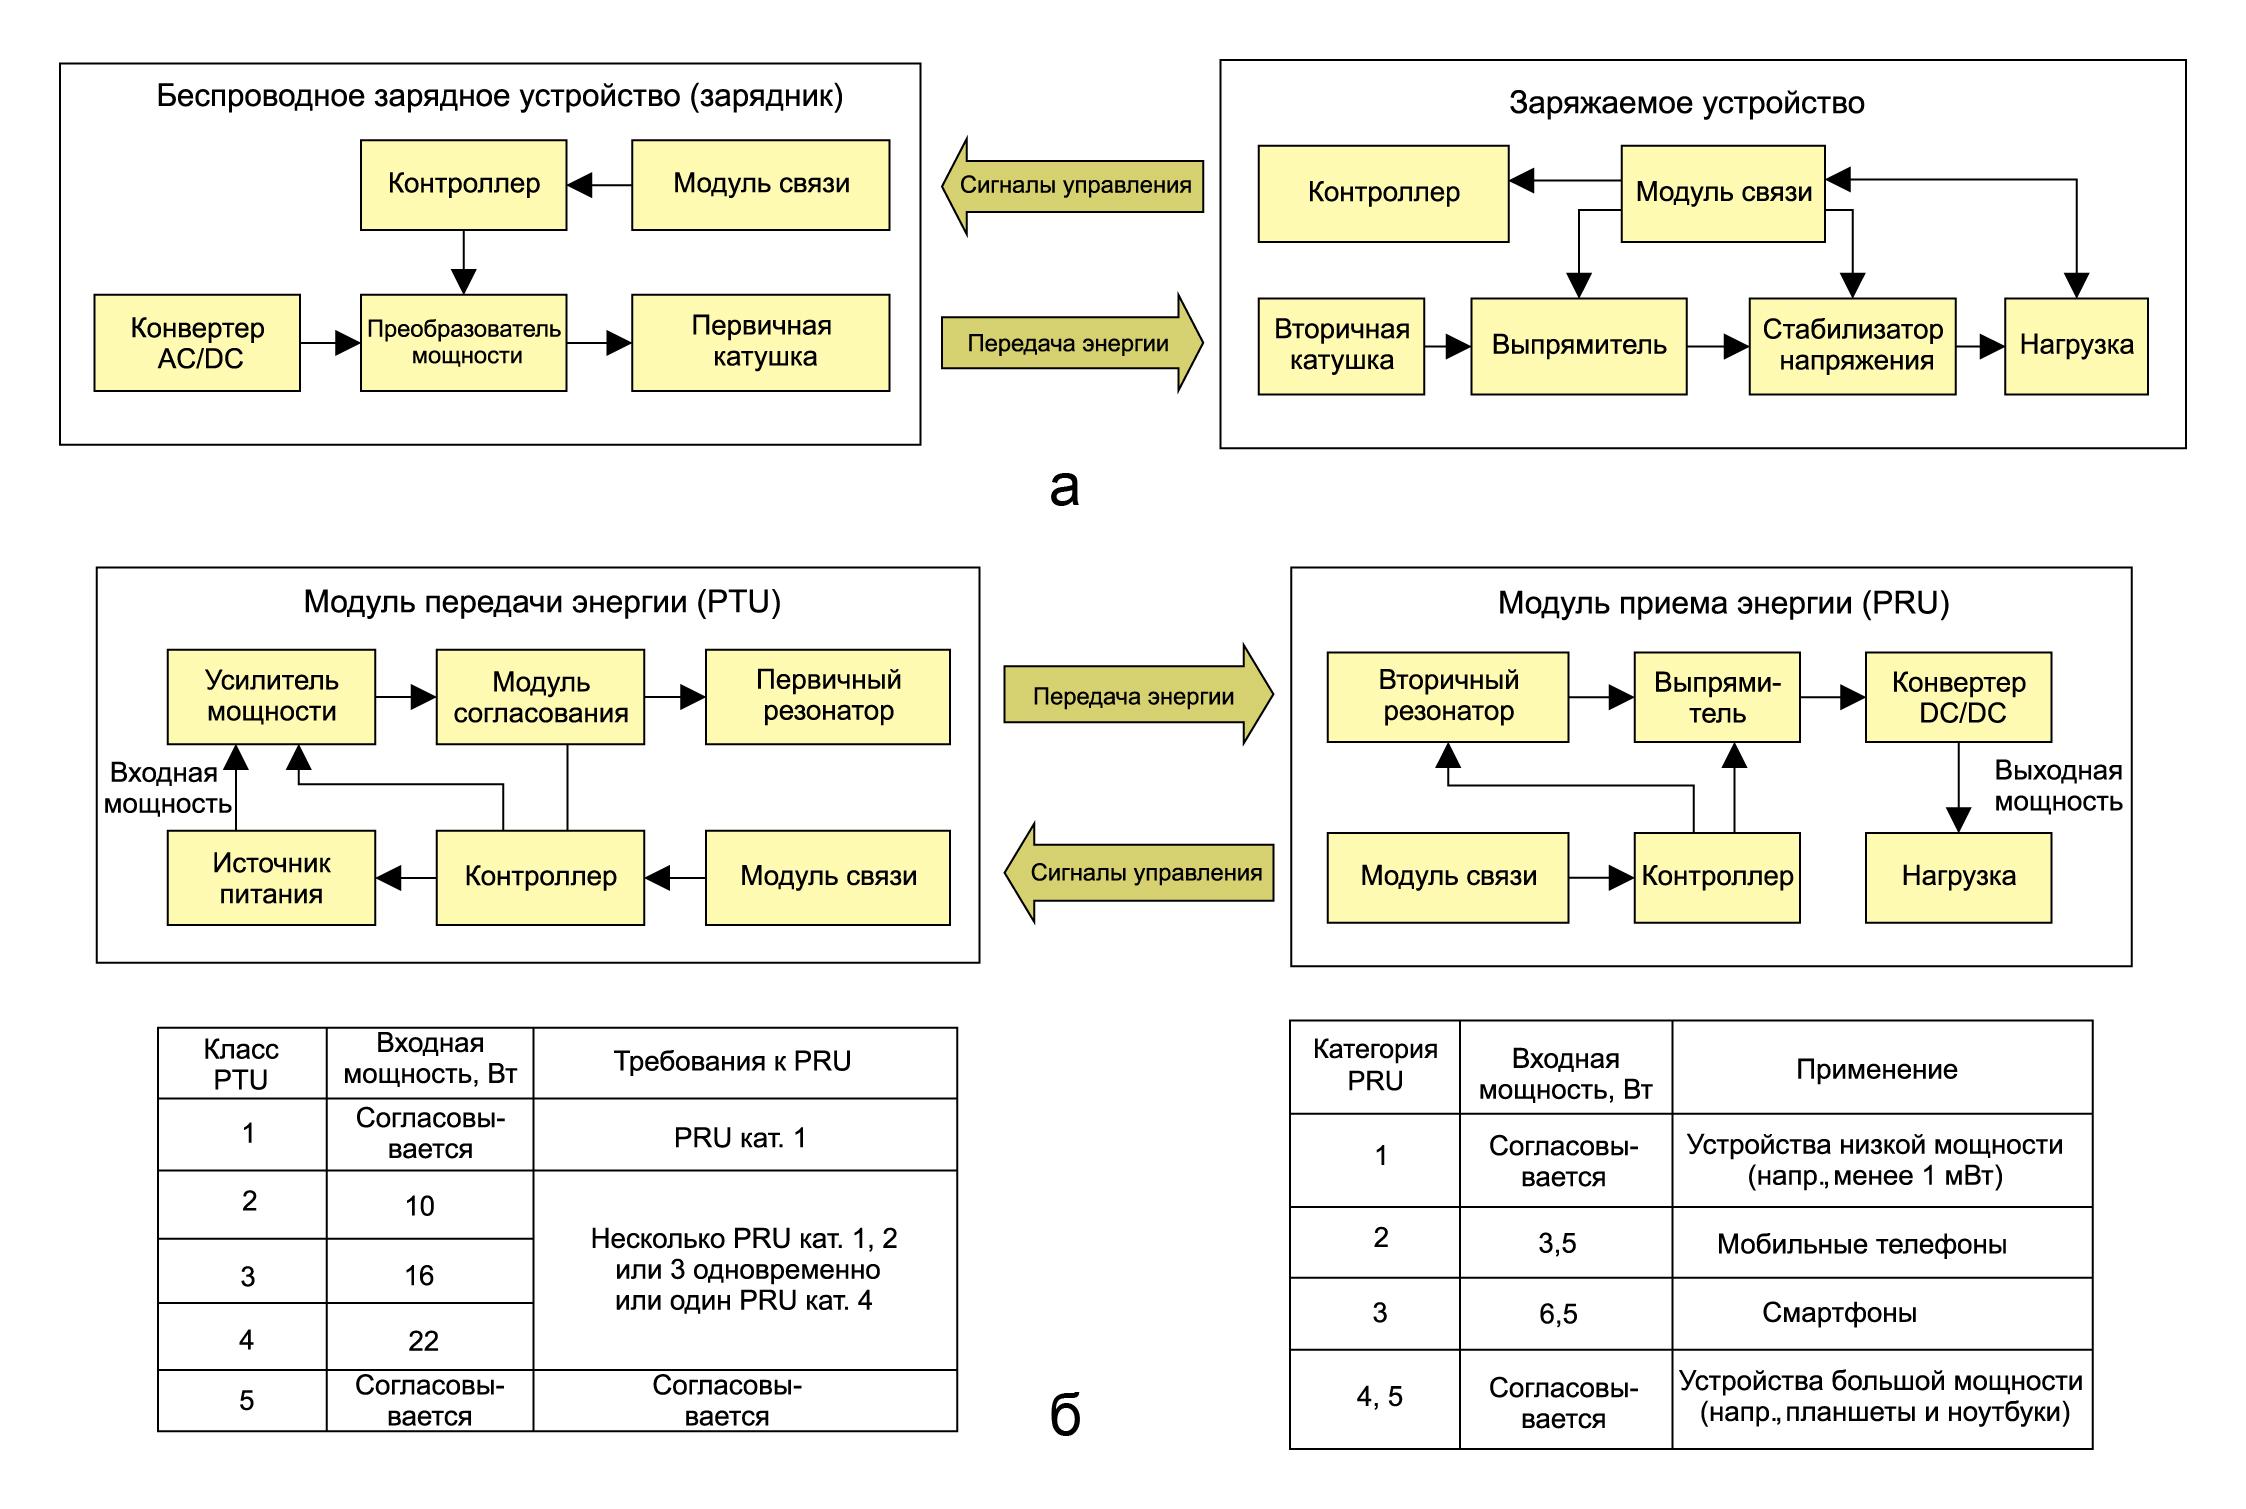 Рис. 9. Референсные модели протокола передачи беспроводной энергии ближнего радиуса действия: а (верхний) Qi-совместимая; б (нижний) A4WP-совместимая